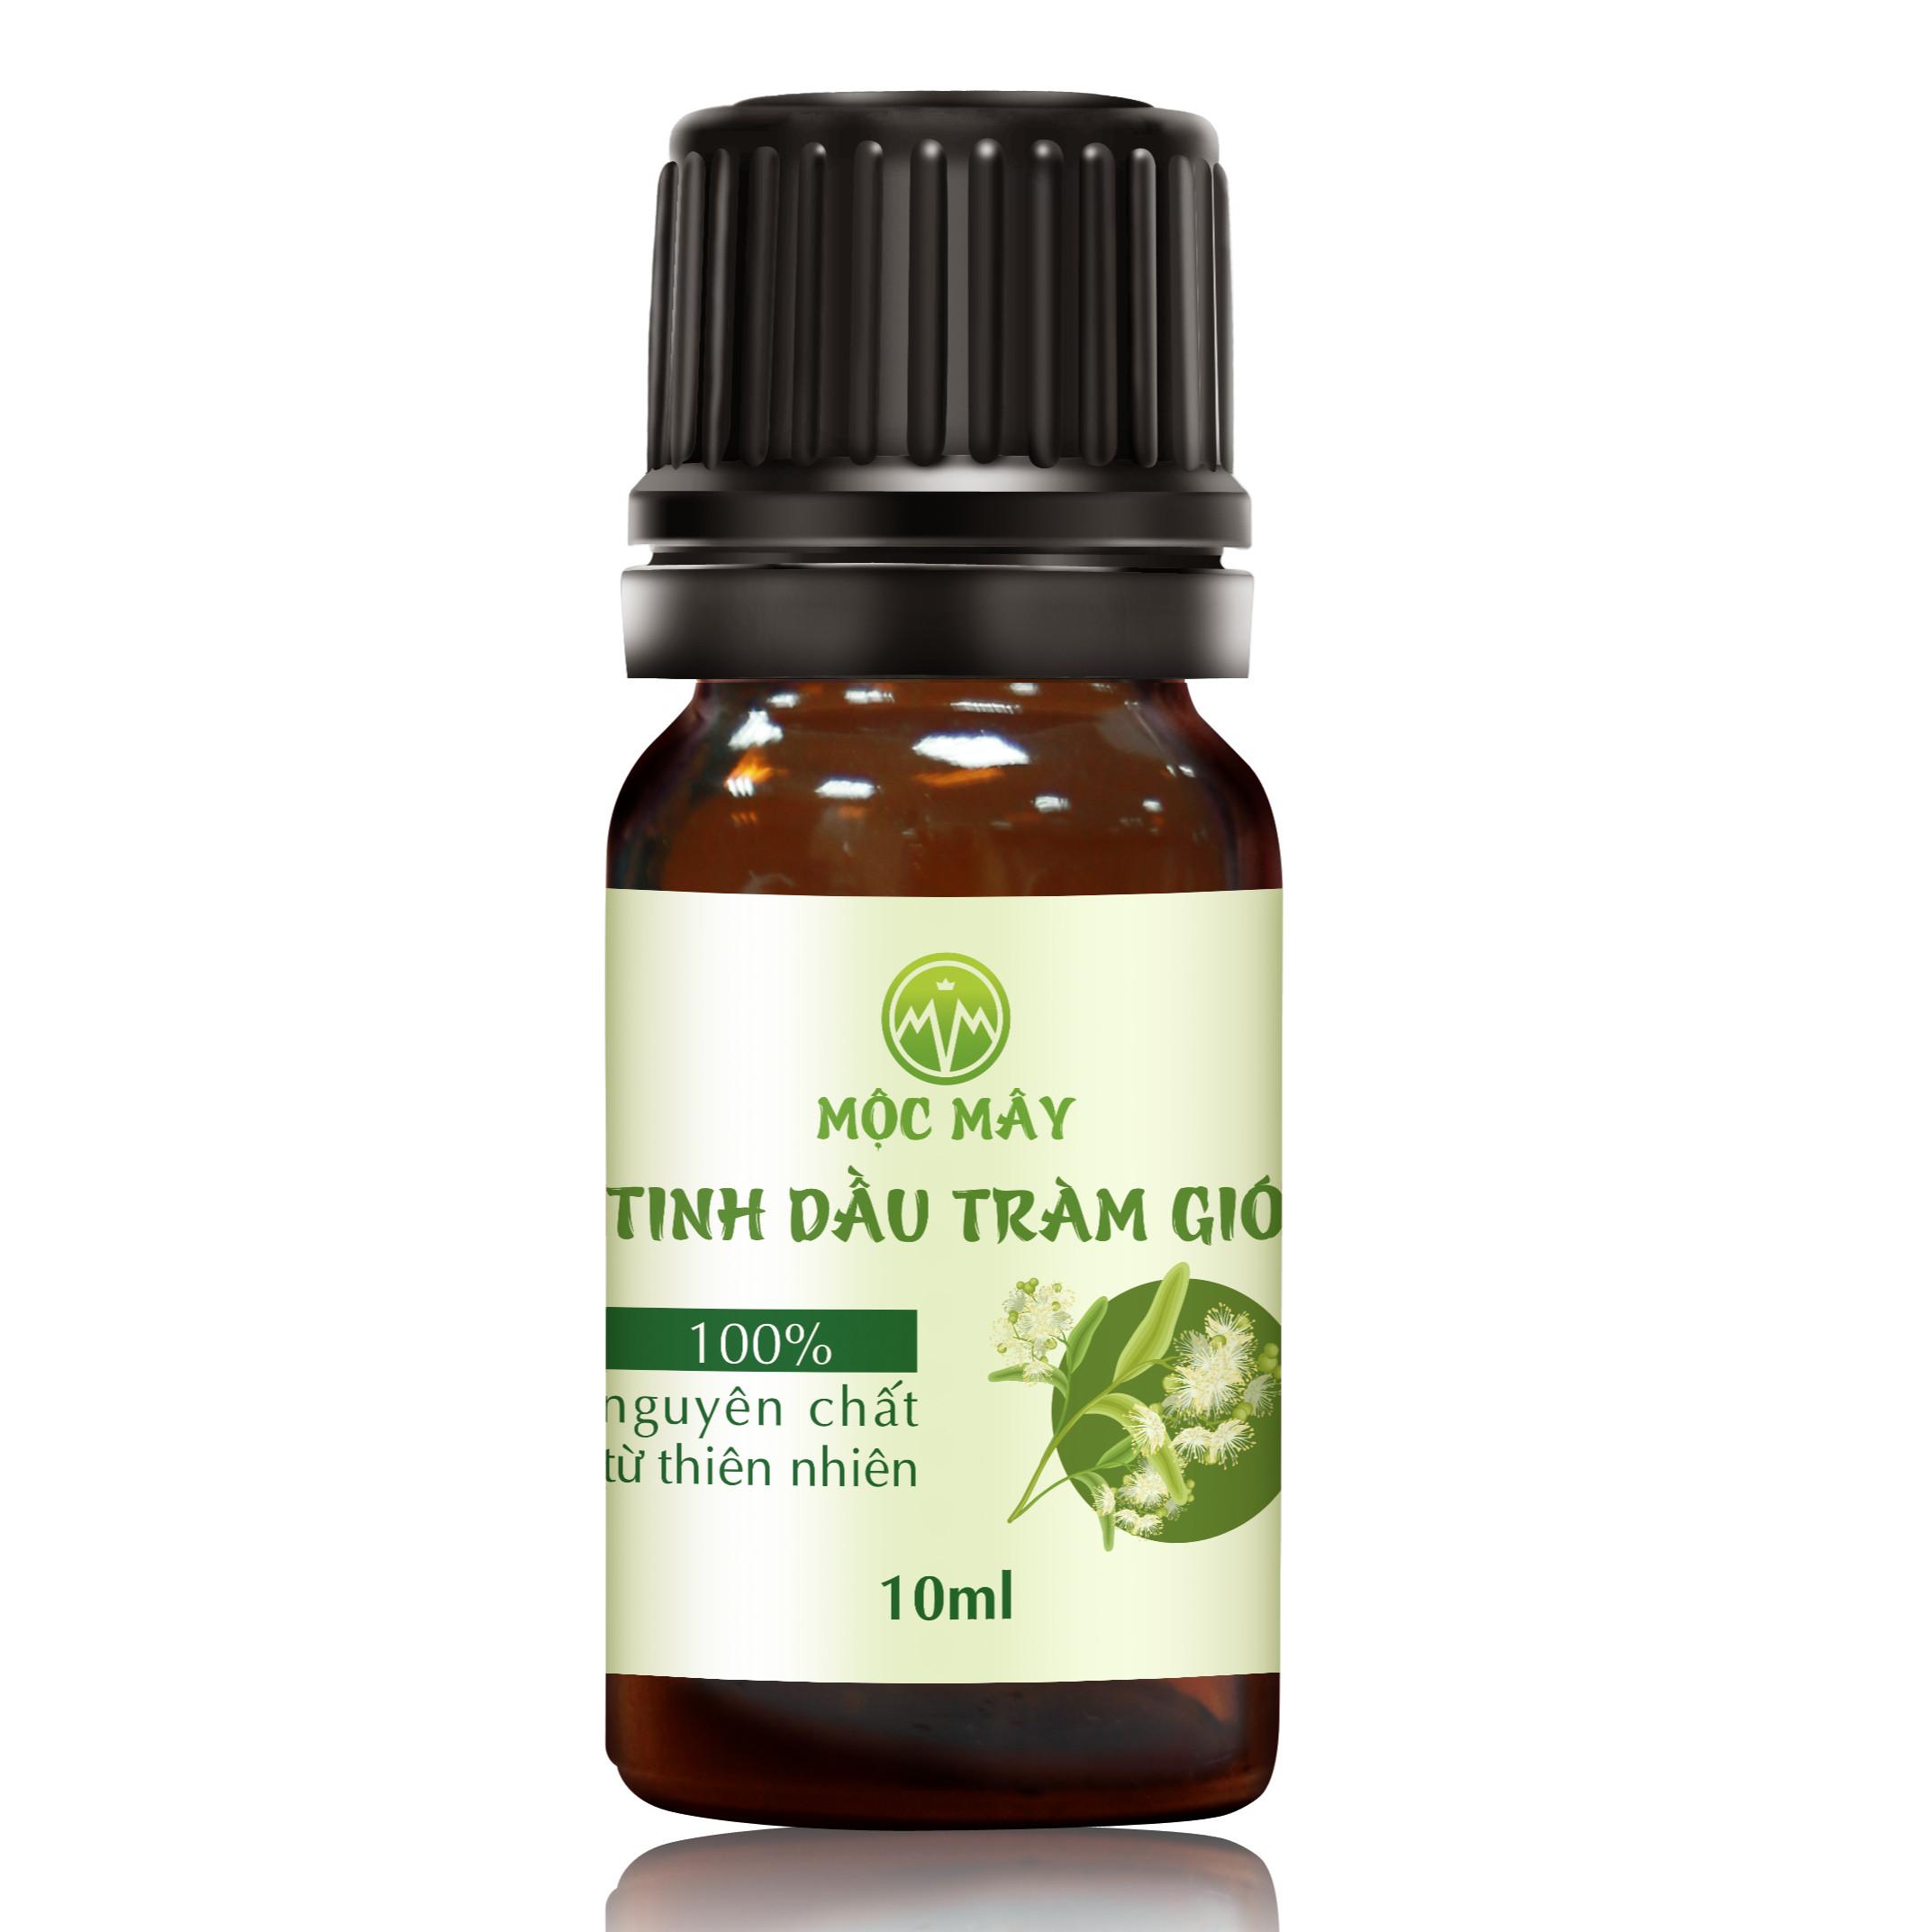 Tinh dầu Tràm Organic hữu cơ 10ml Mộc Mây - tinh dầu thiên nhiên nguyên chất 100% - dùng xông tắm ngừa cảm lạnh, trị côn trùng cắn đốt cho Bé, Trẻ sơ sinh và Trẻ nhỏ | An toàn cho làn da nhạy cảm của Bé